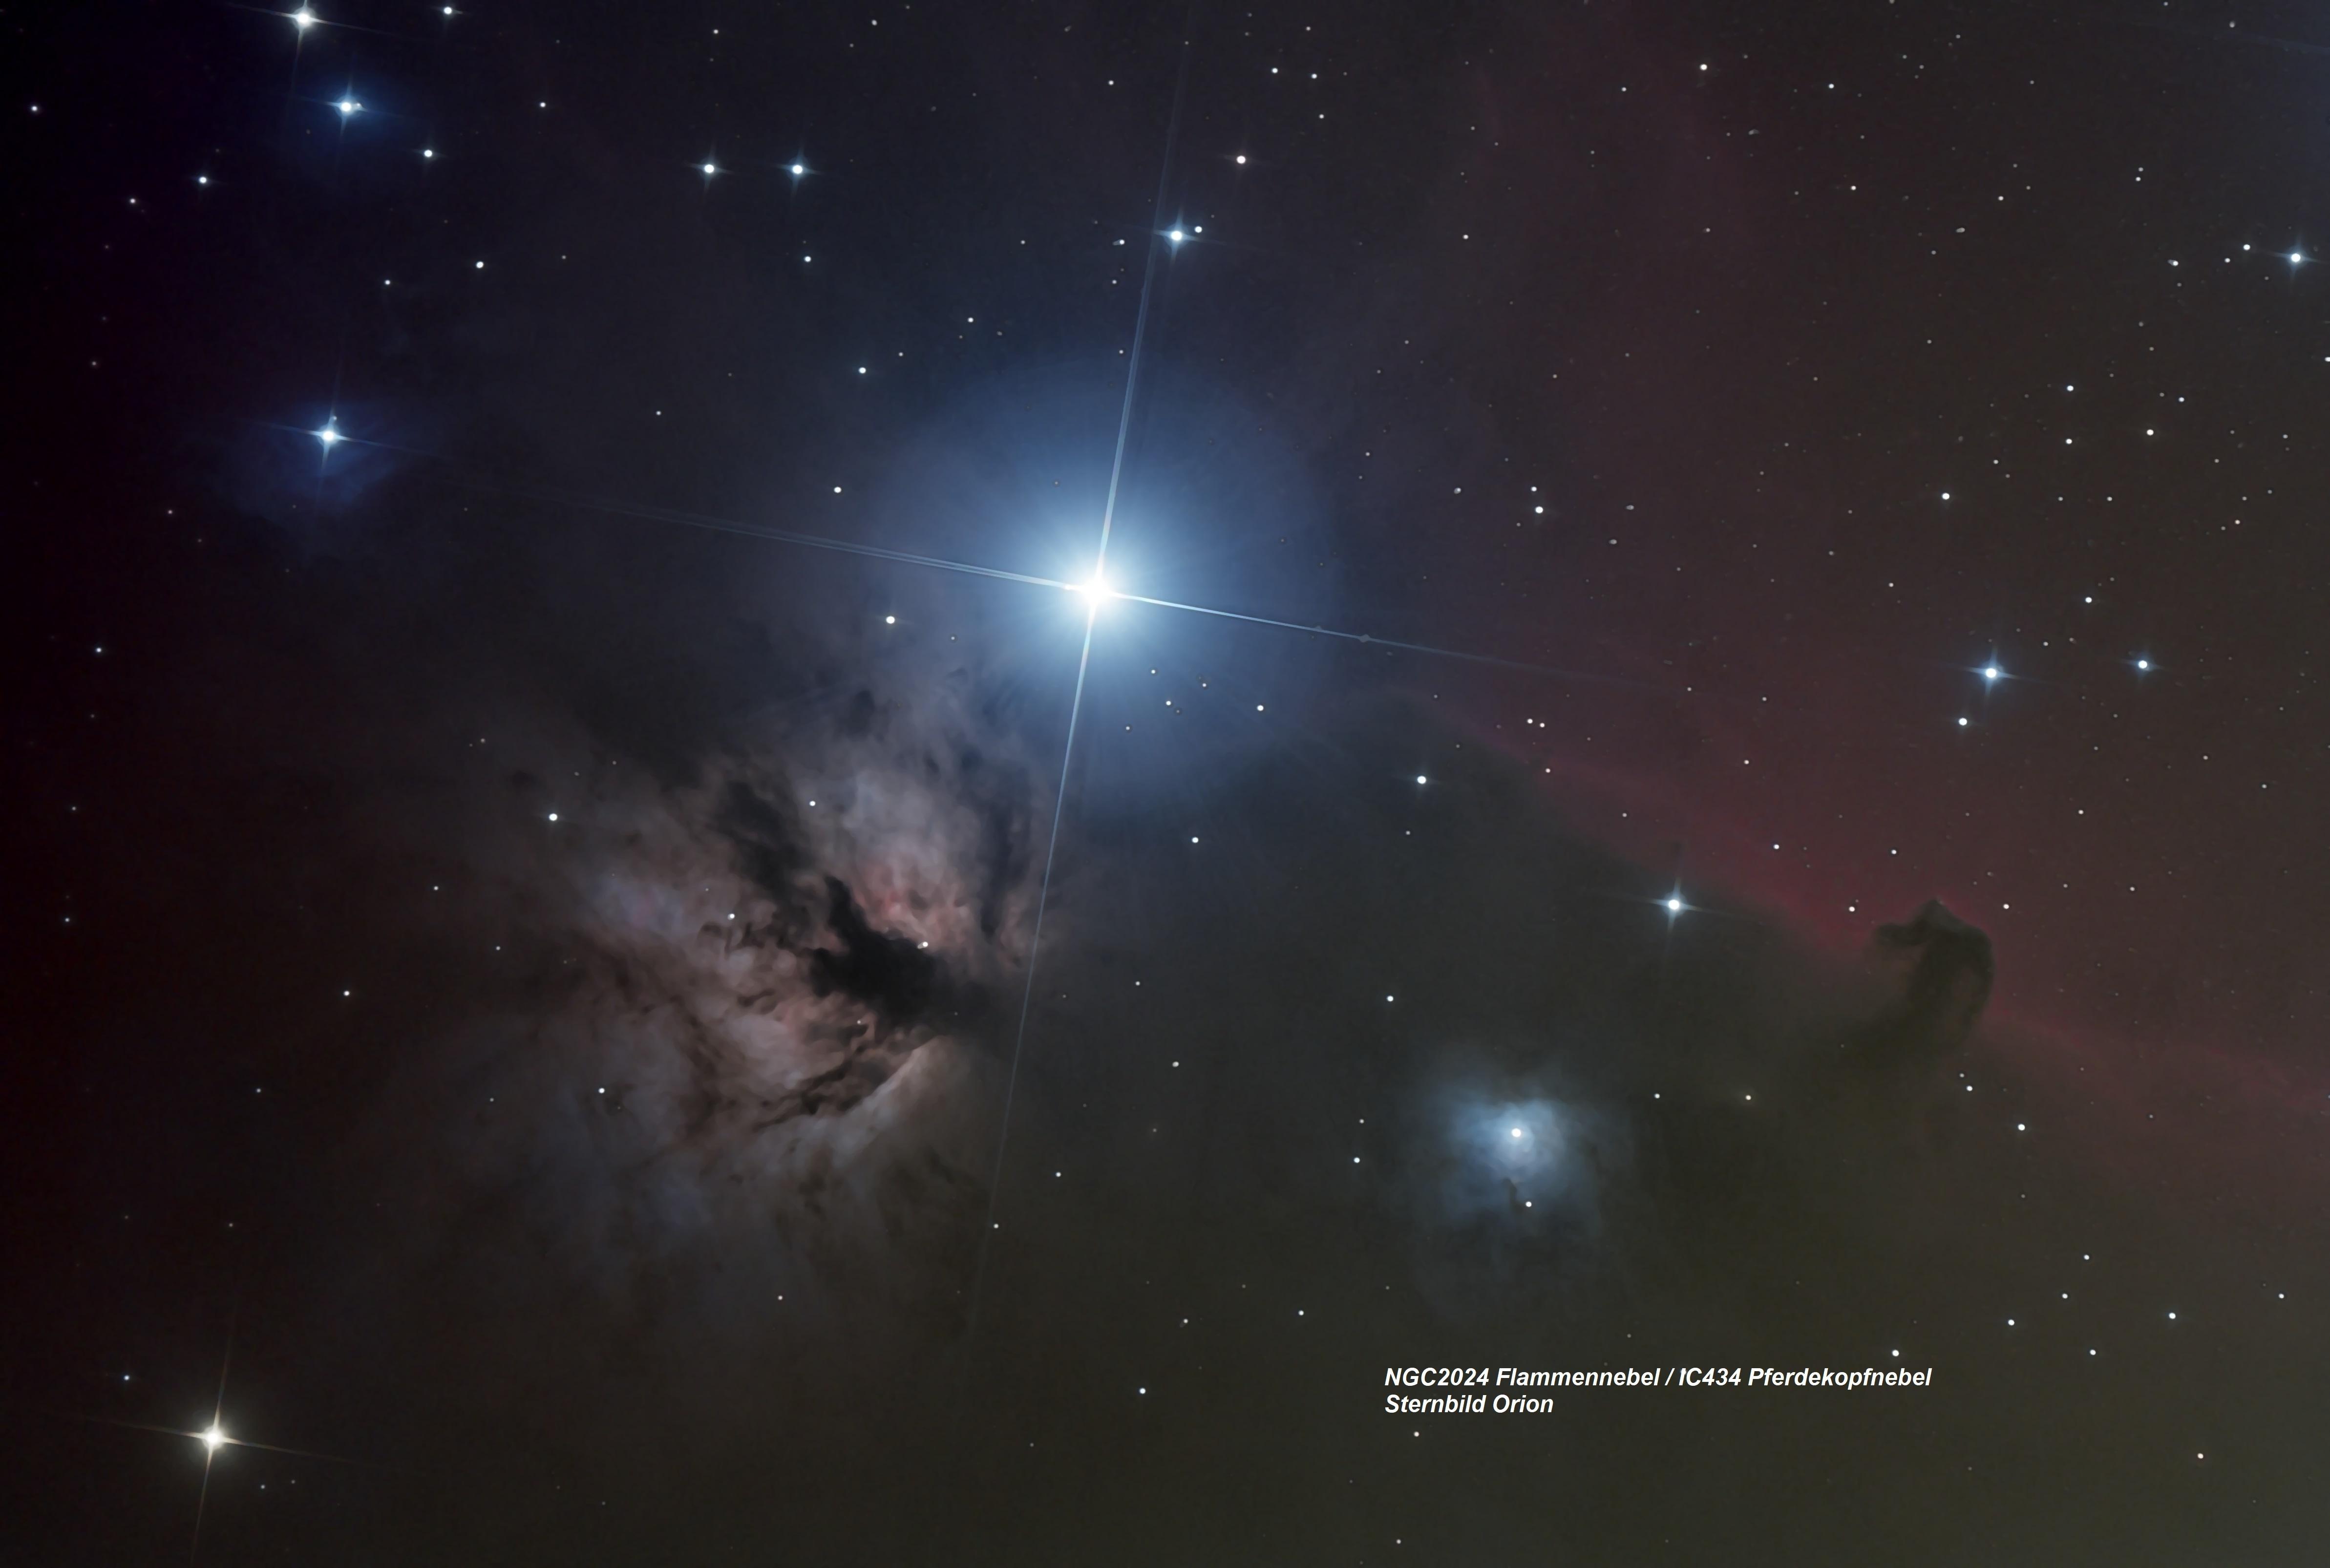 NGC 2024 Flammennebel